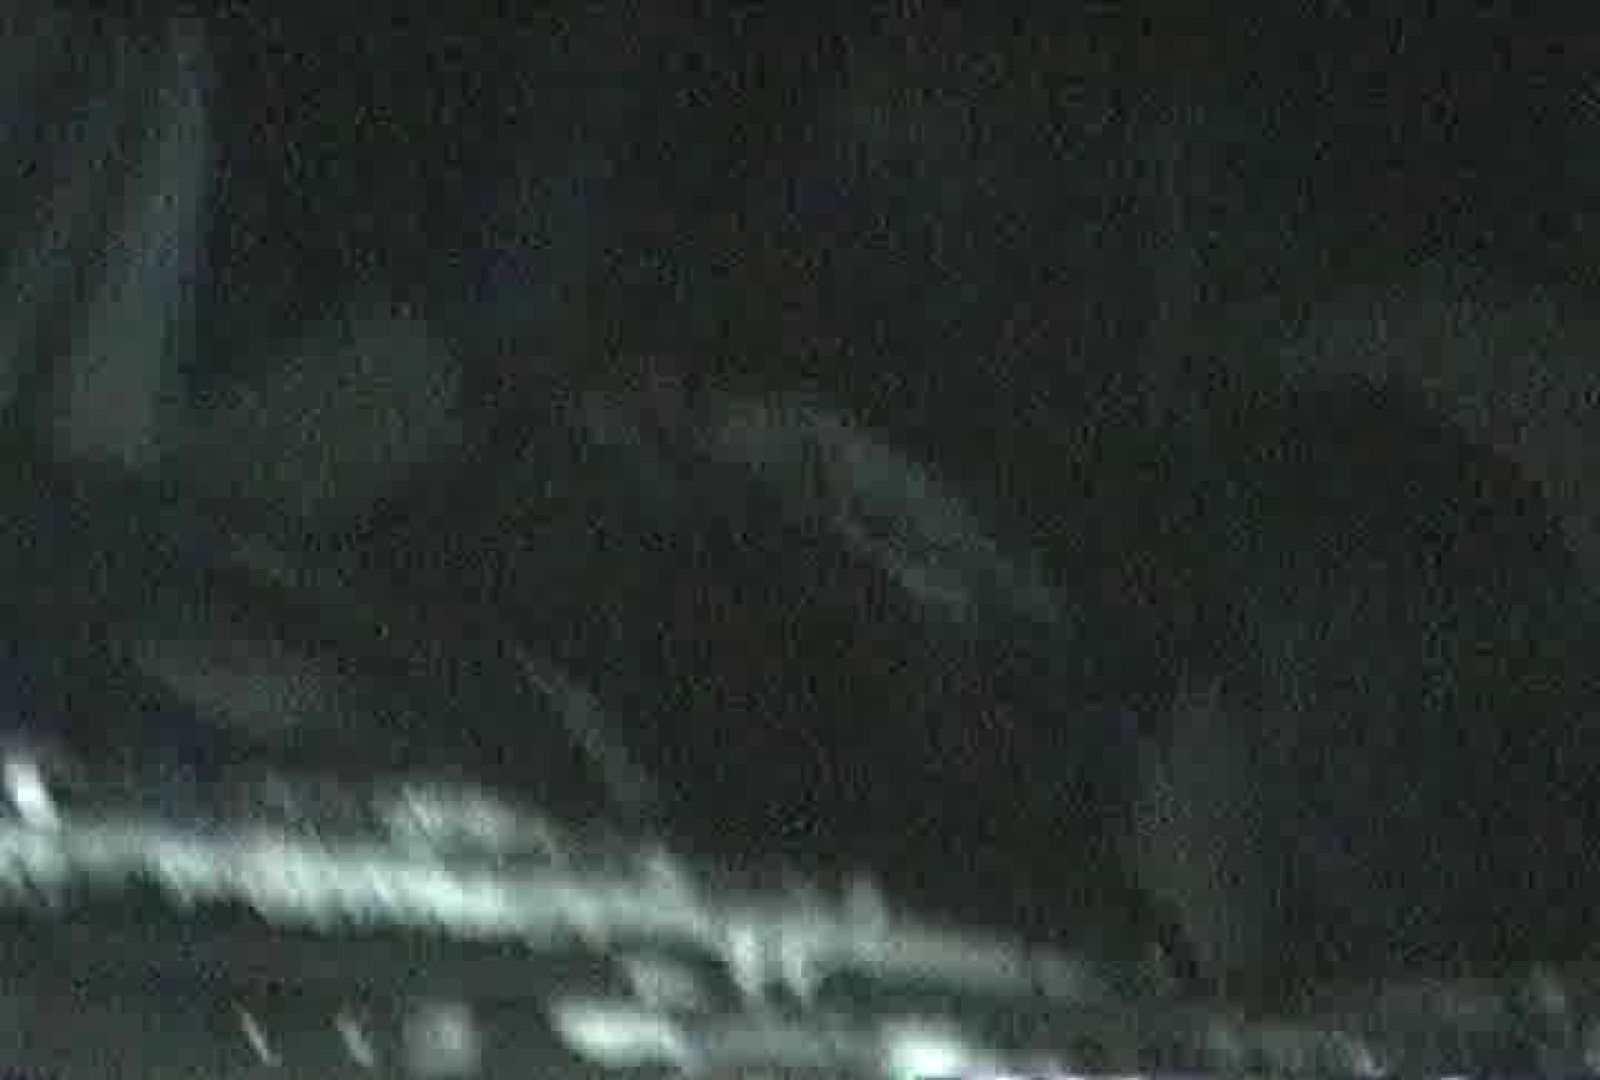 充血監督の深夜の運動会Vol.87 マンコ | OLの実態  91pic 51